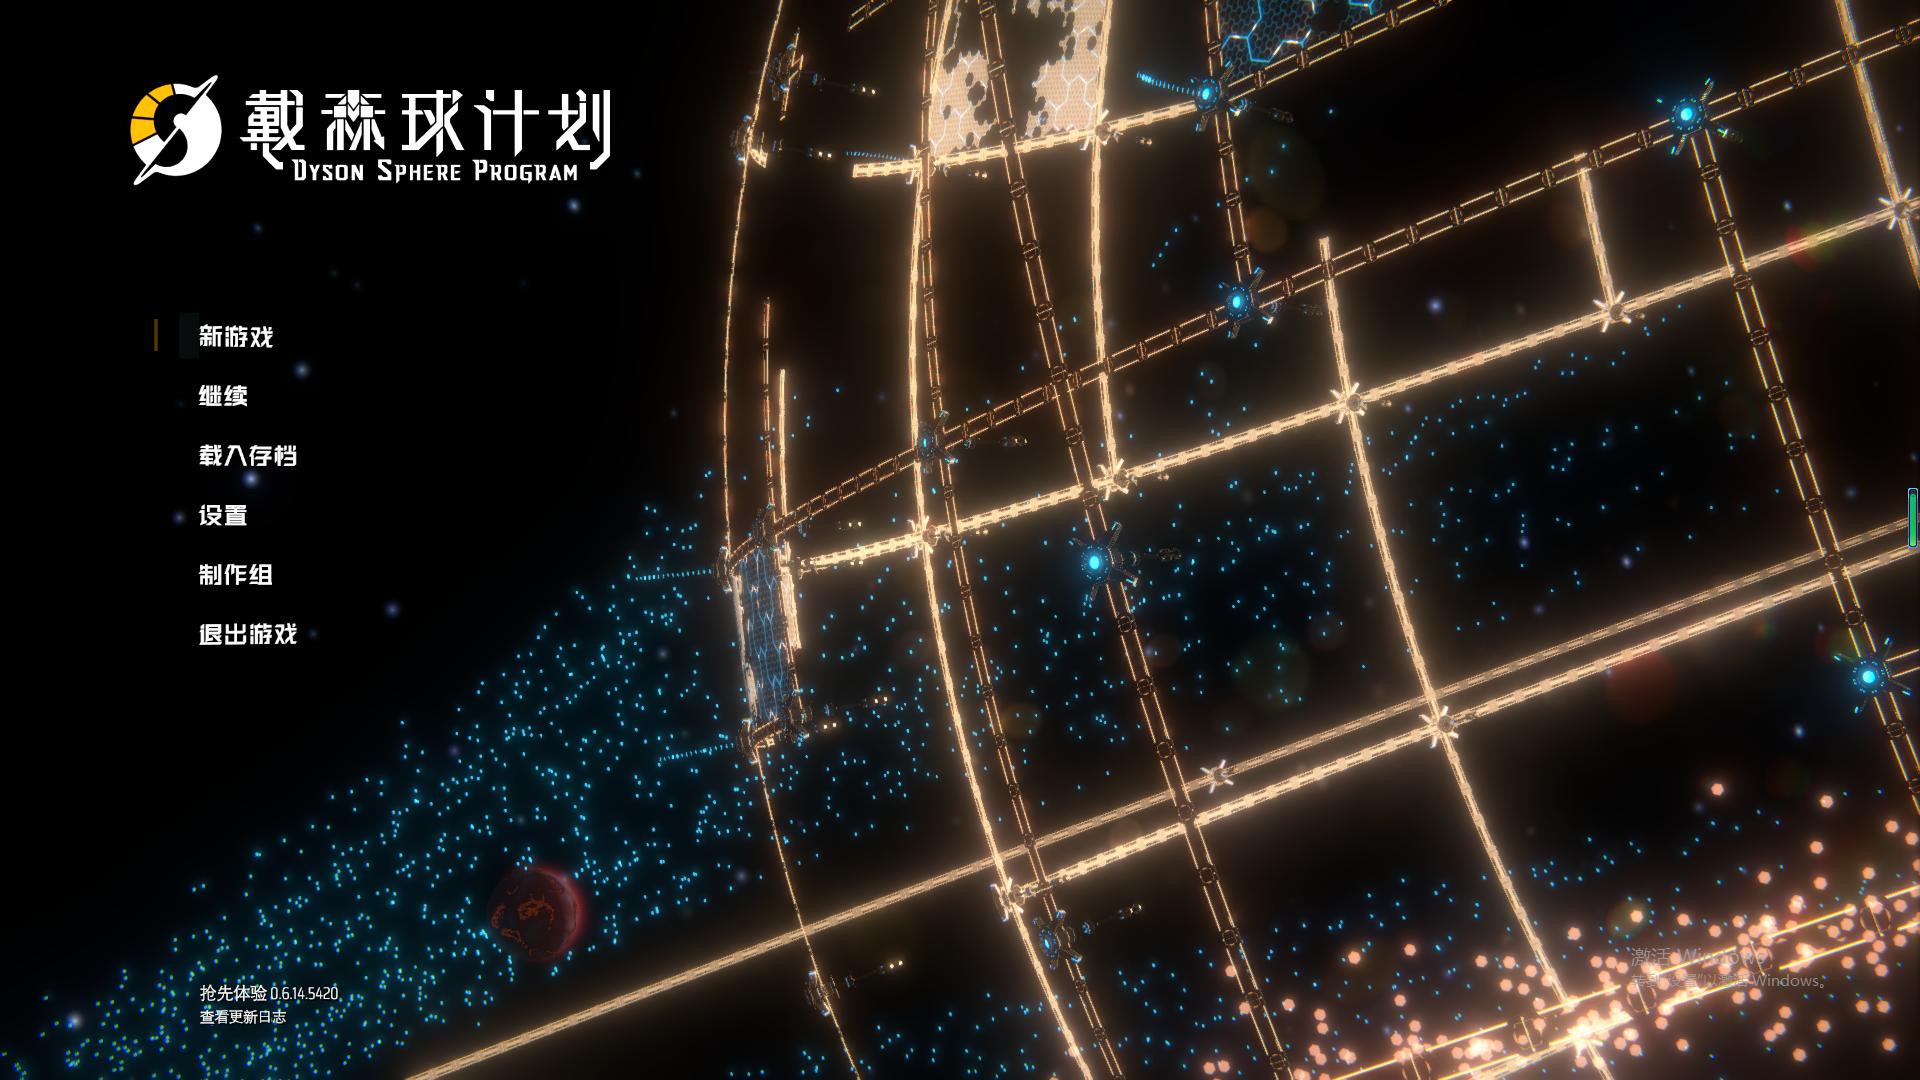 《戴森球计划》抢先评测:简单的科幻游戏不简单的命题作文